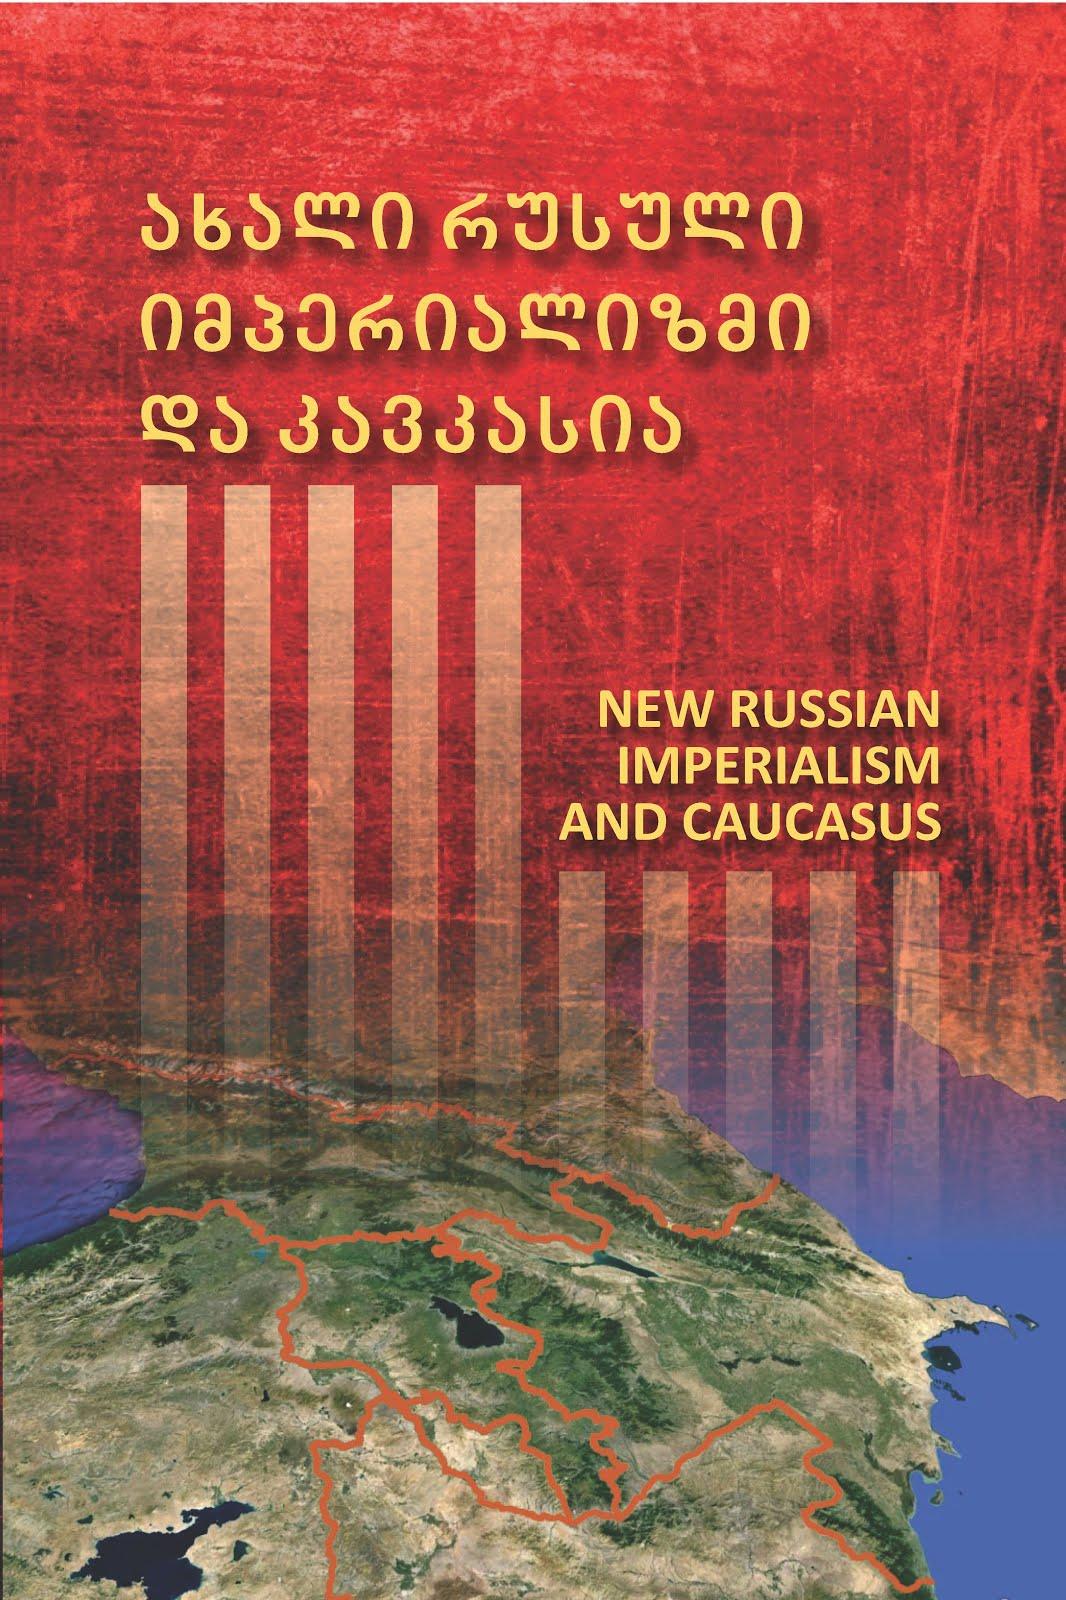 ახალი რუსული იმპერიალიზმი და კავკასია